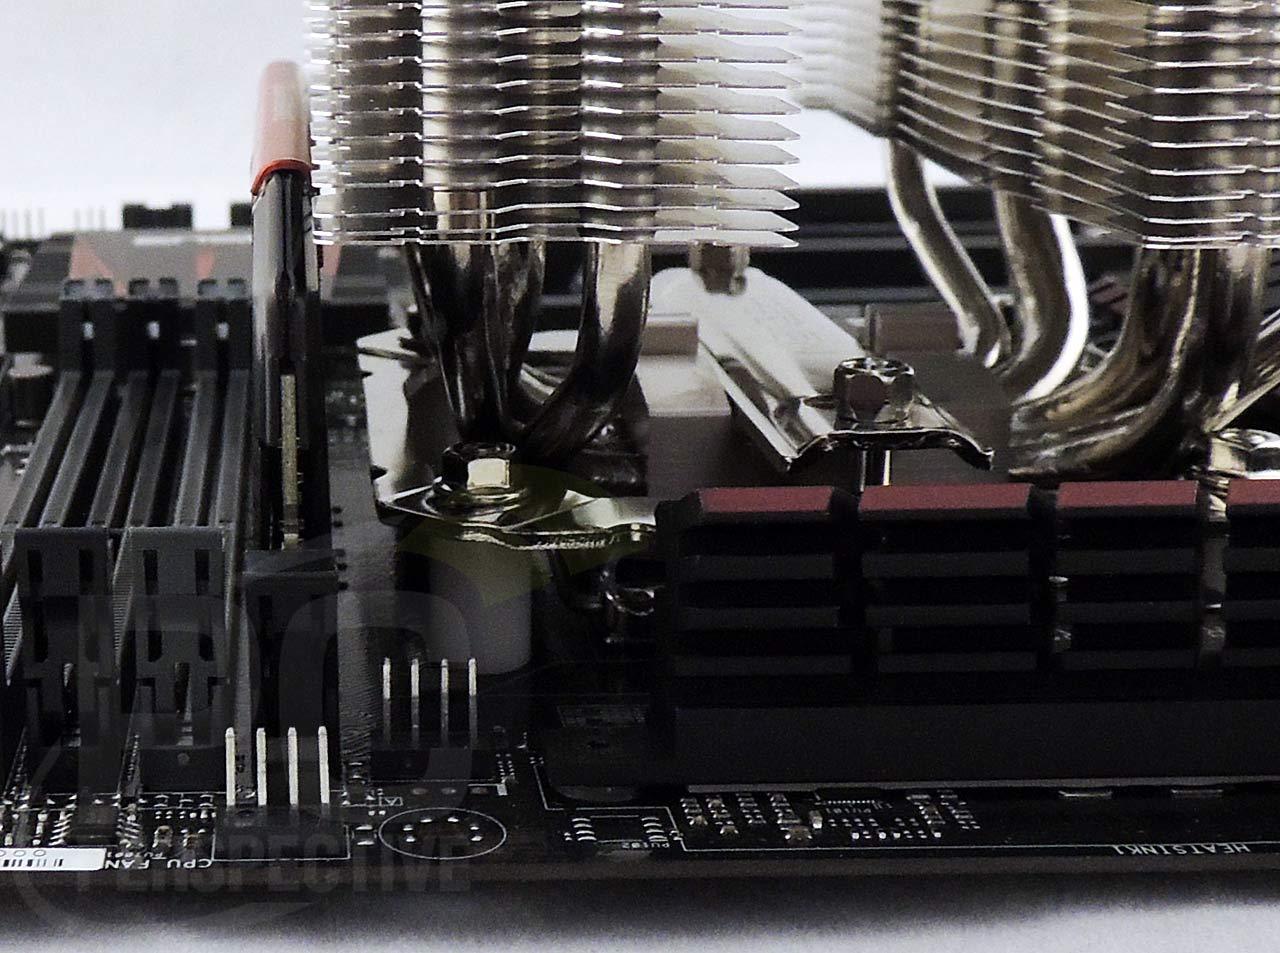 21-board-z97-cooler-side-dimm1-issue.jpg